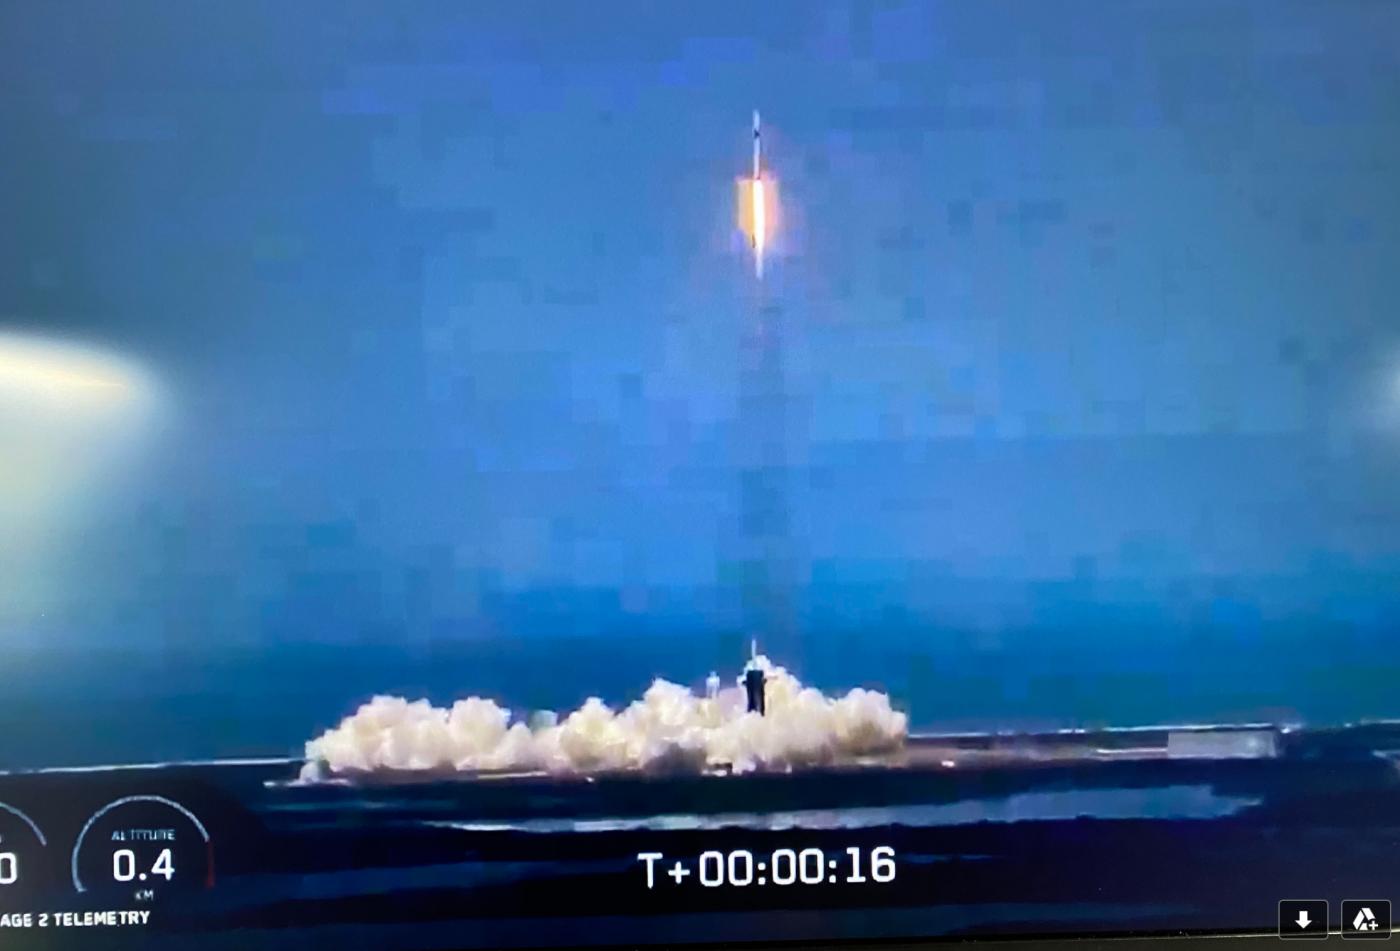 震撼!壮观!SpaceX火箭发射成功_图1-2